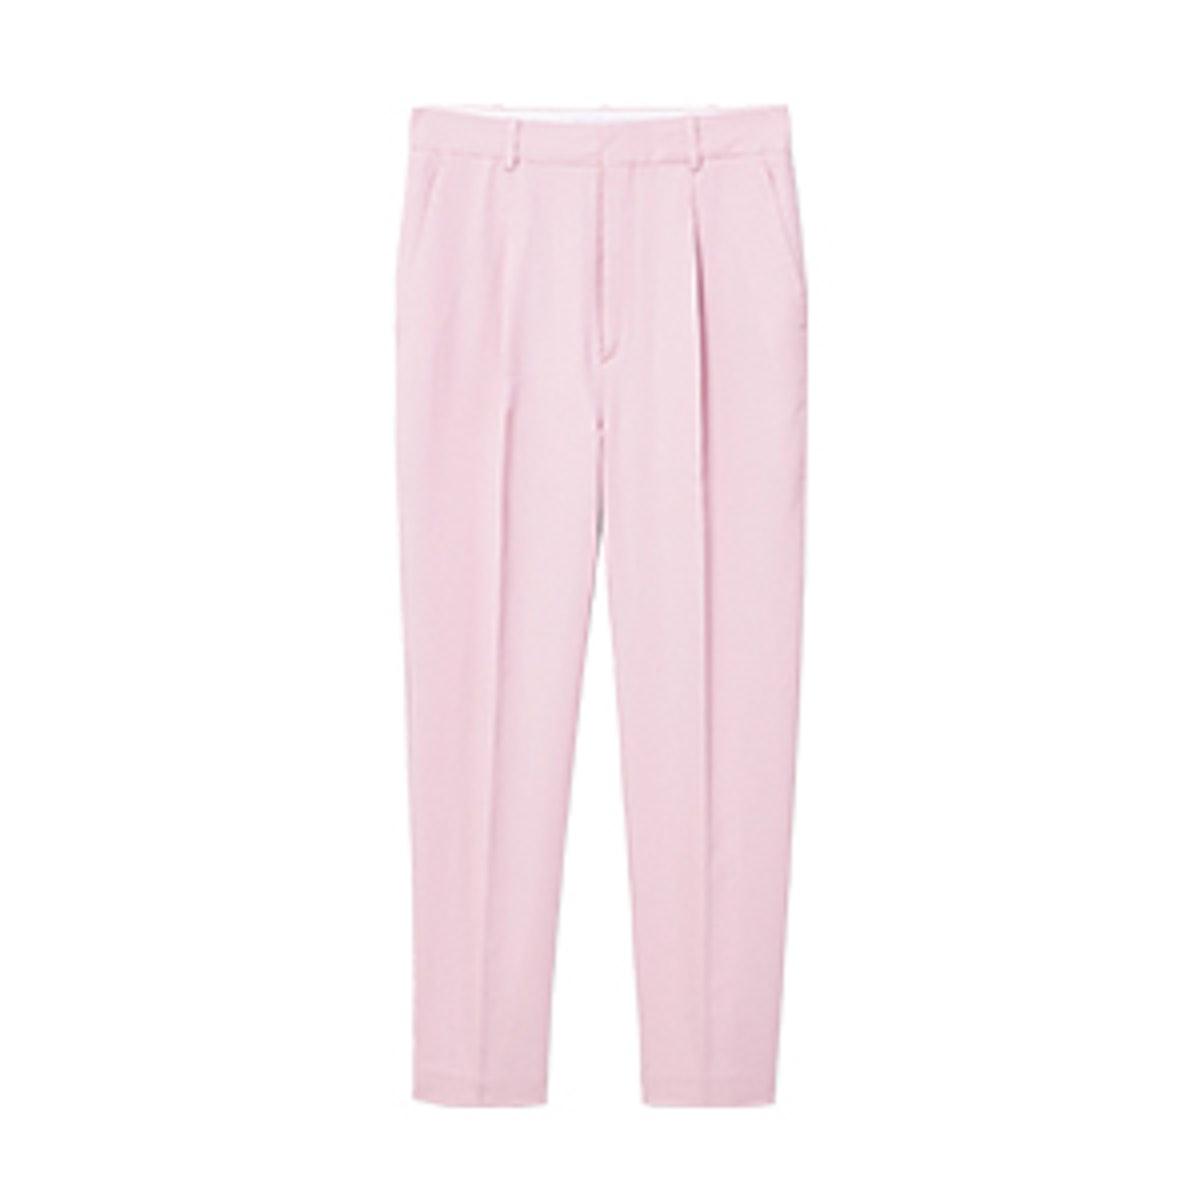 Linen High-Waist Trousers